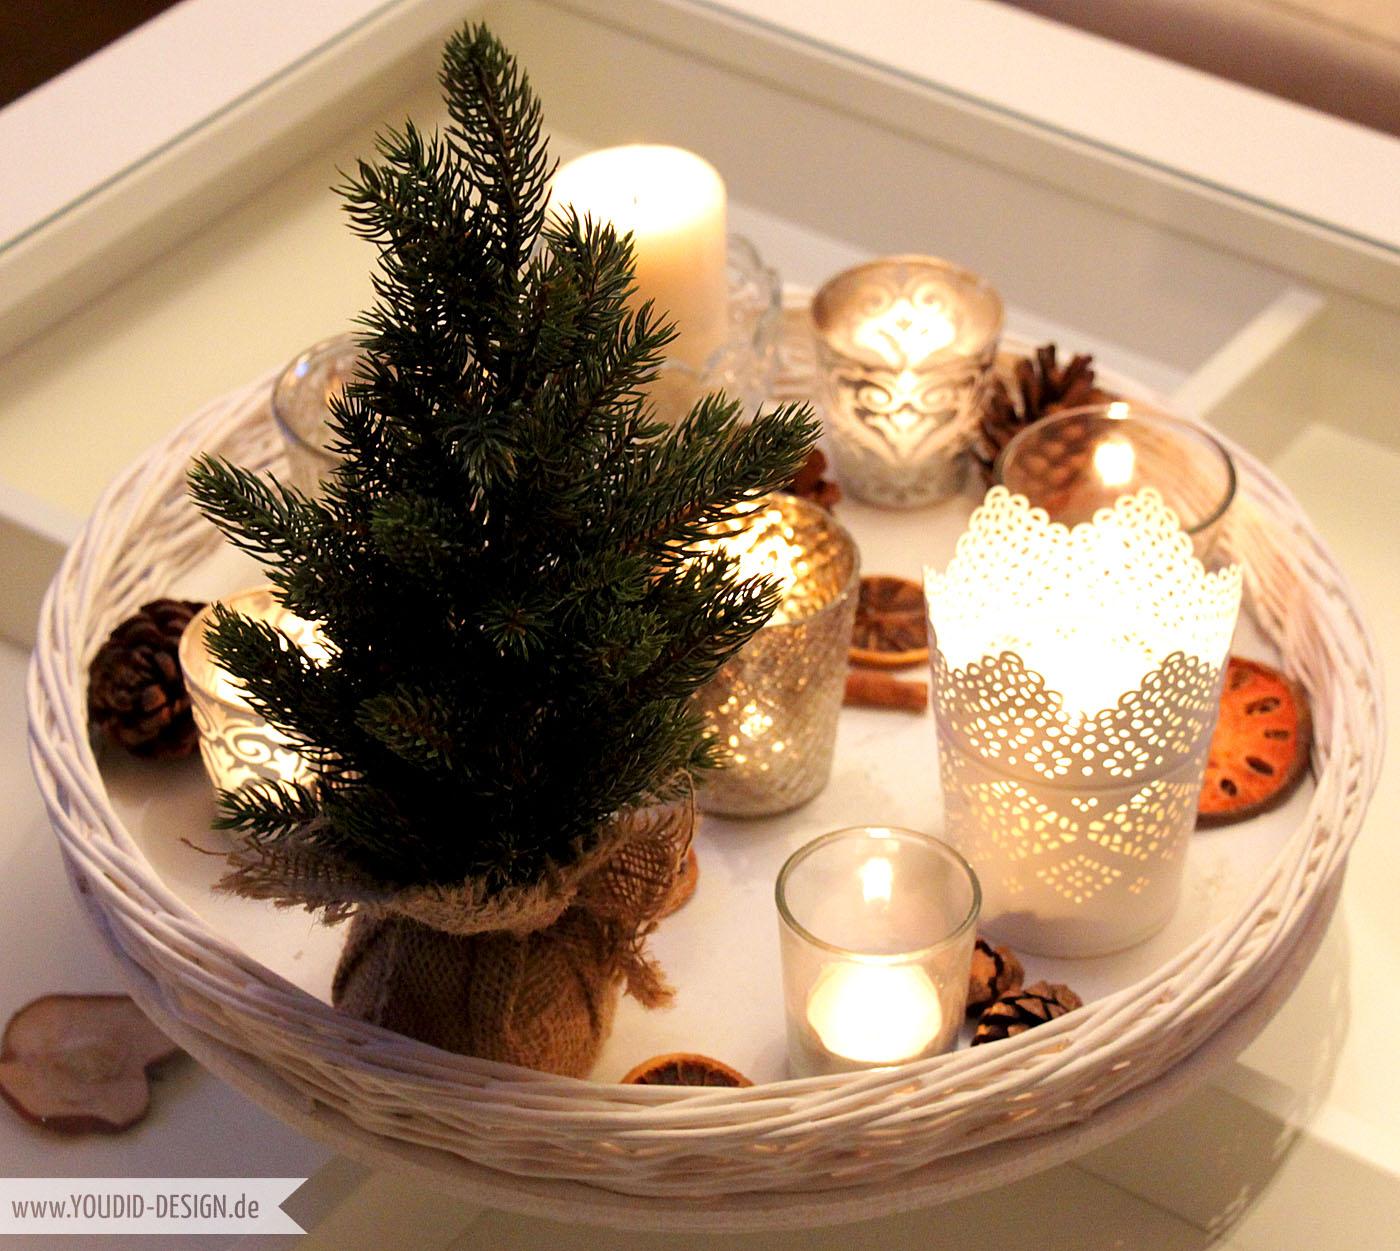 Weihnachtsdekoration Youdid Design